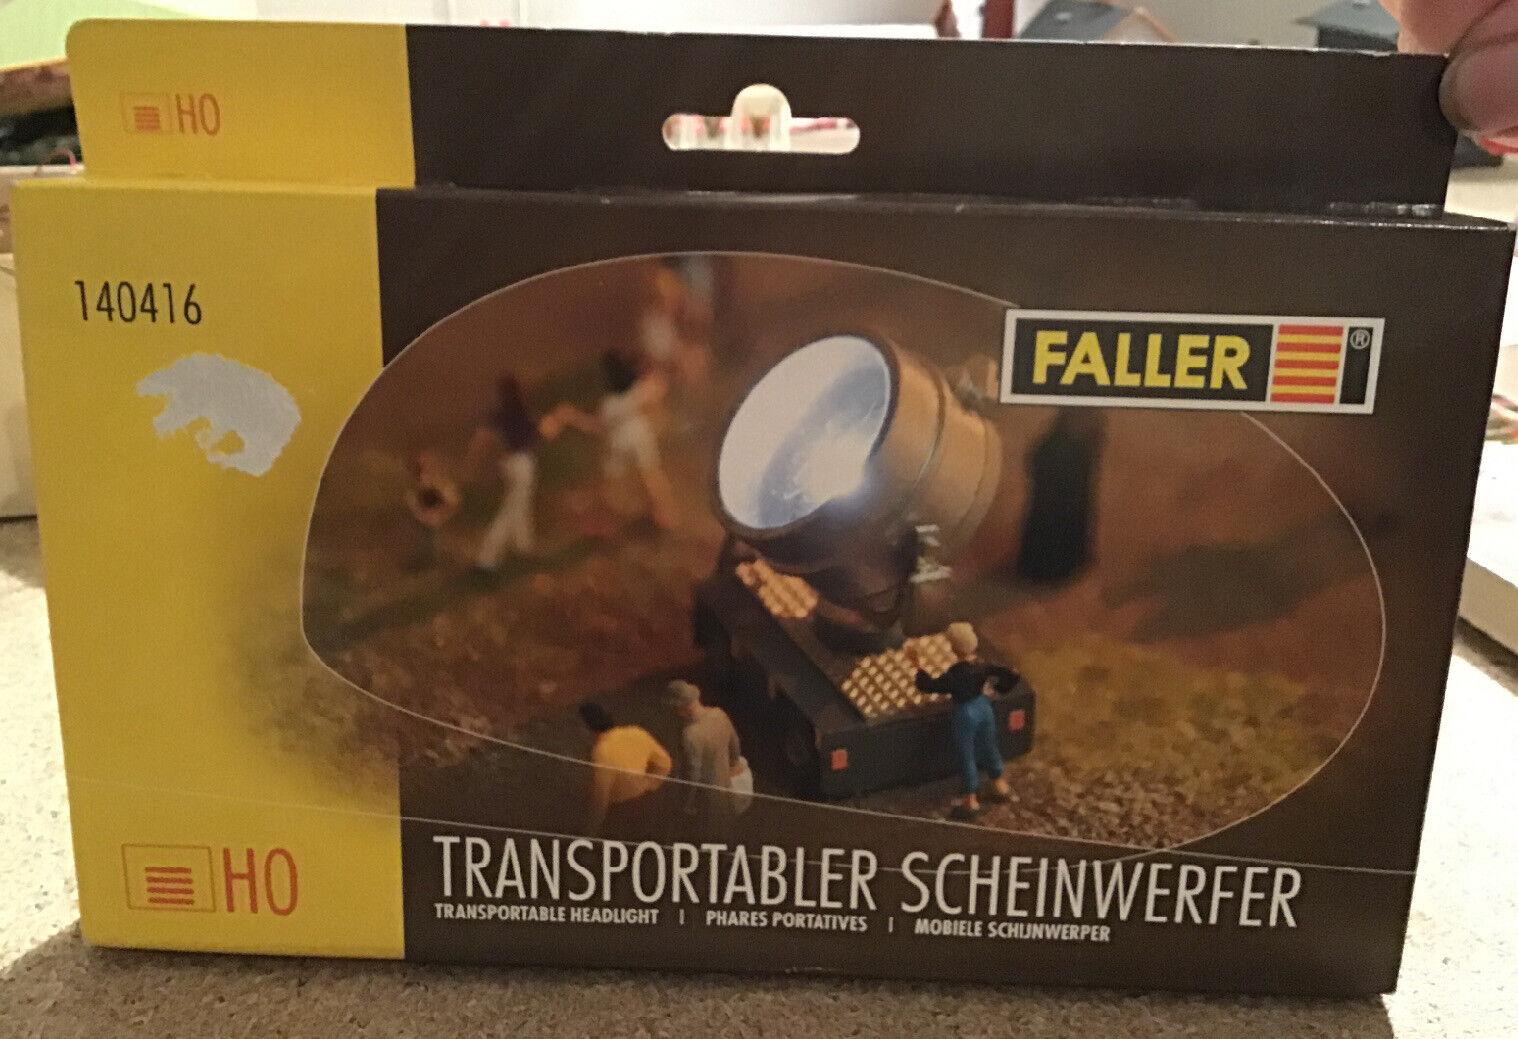 Faller H0 140416 Transportabler Scheinwerfer Bausatz Neuware